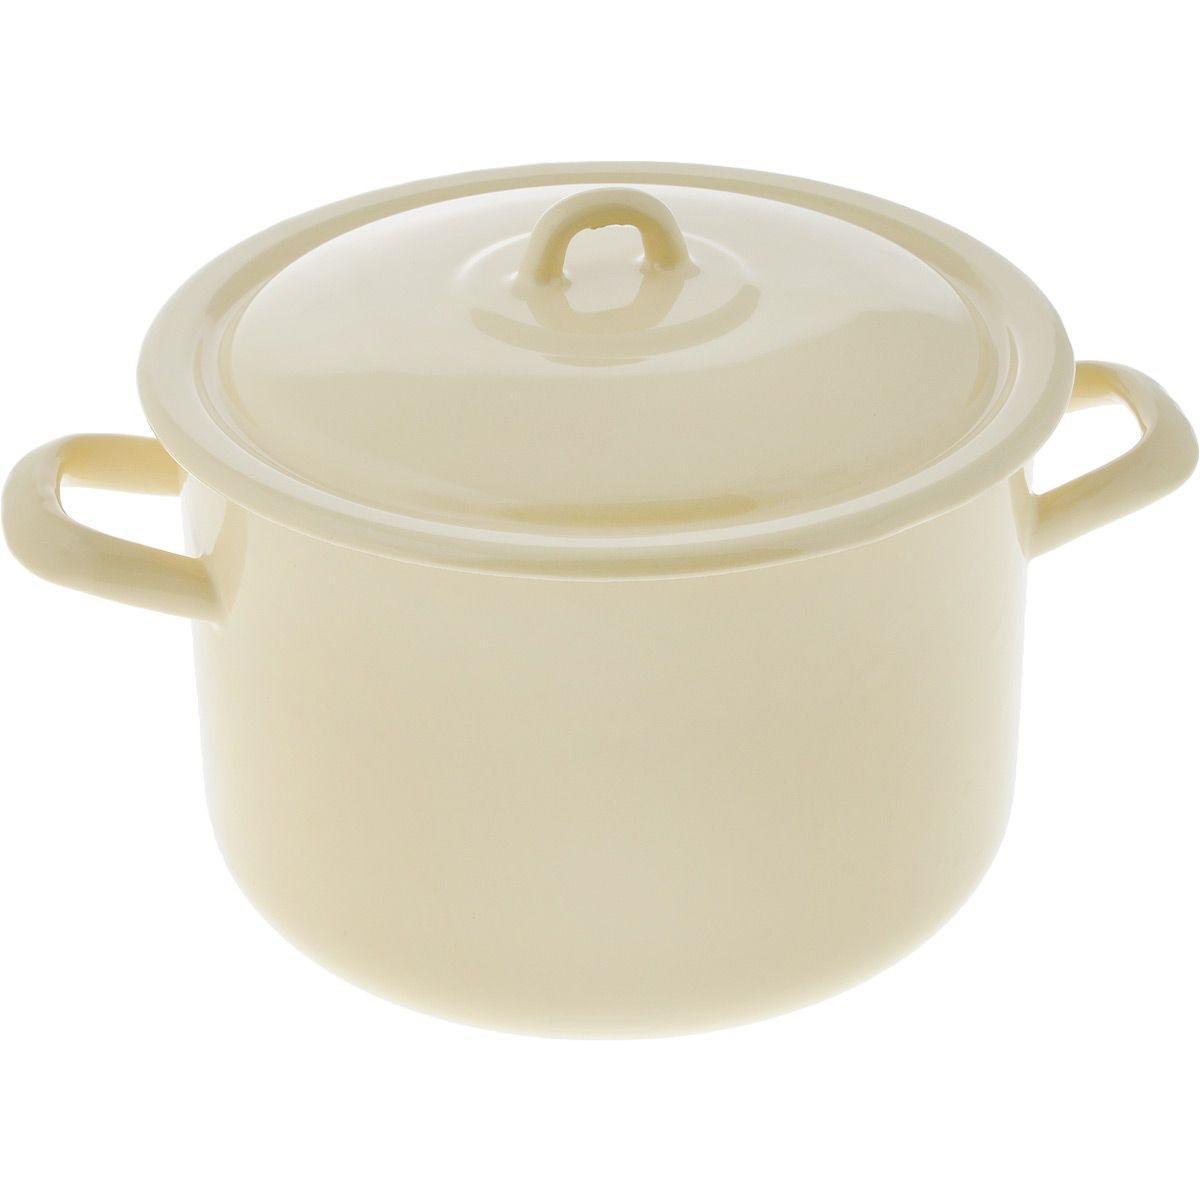 Кастрюля эмалированная Лысьвенские эмали 4,3 л набор эмалированной посуды лзэп китайская роза 124 4ап2 кастрюля 1 5 2 3 л 3 предмета